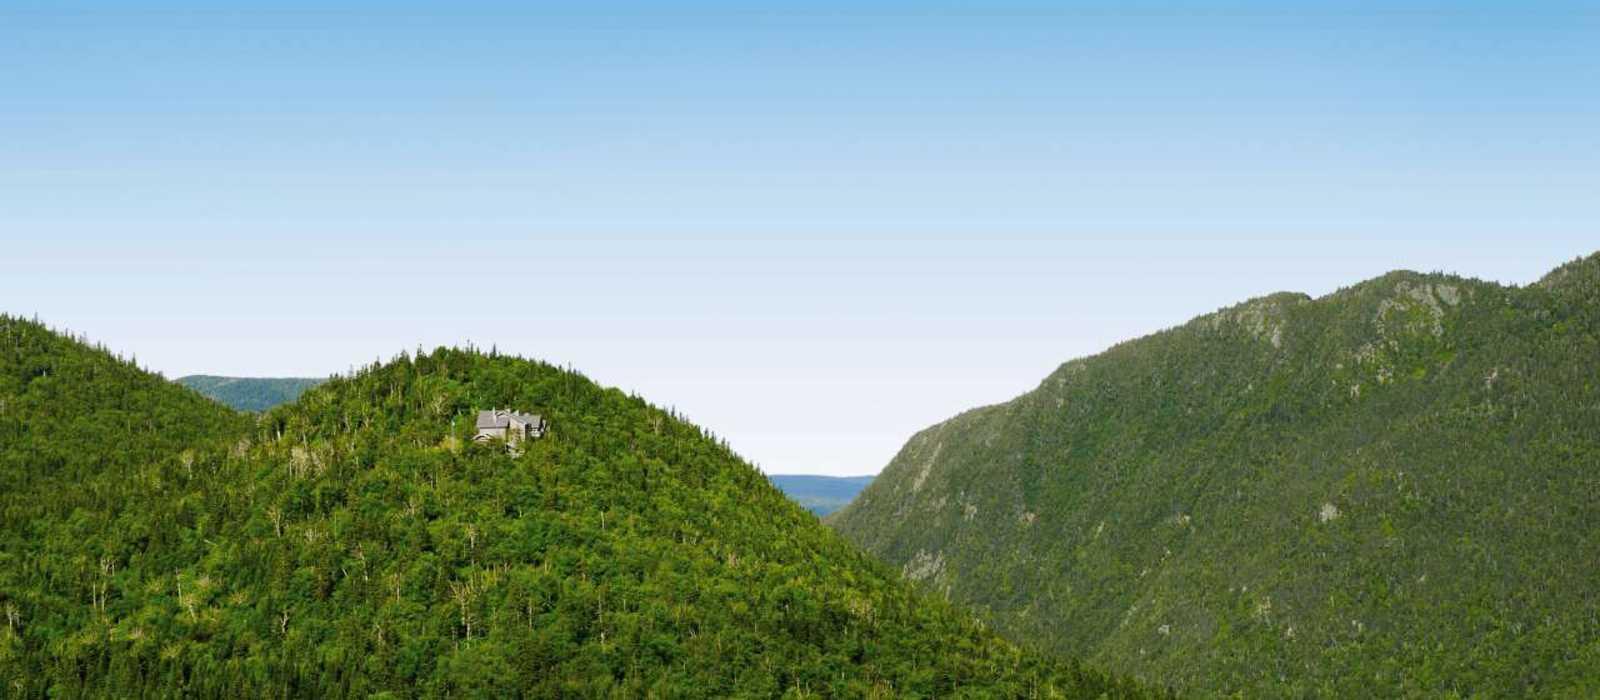 Berglandschaft in der Umgebung der Chic-Chocs Mountain Lodge in Quebec